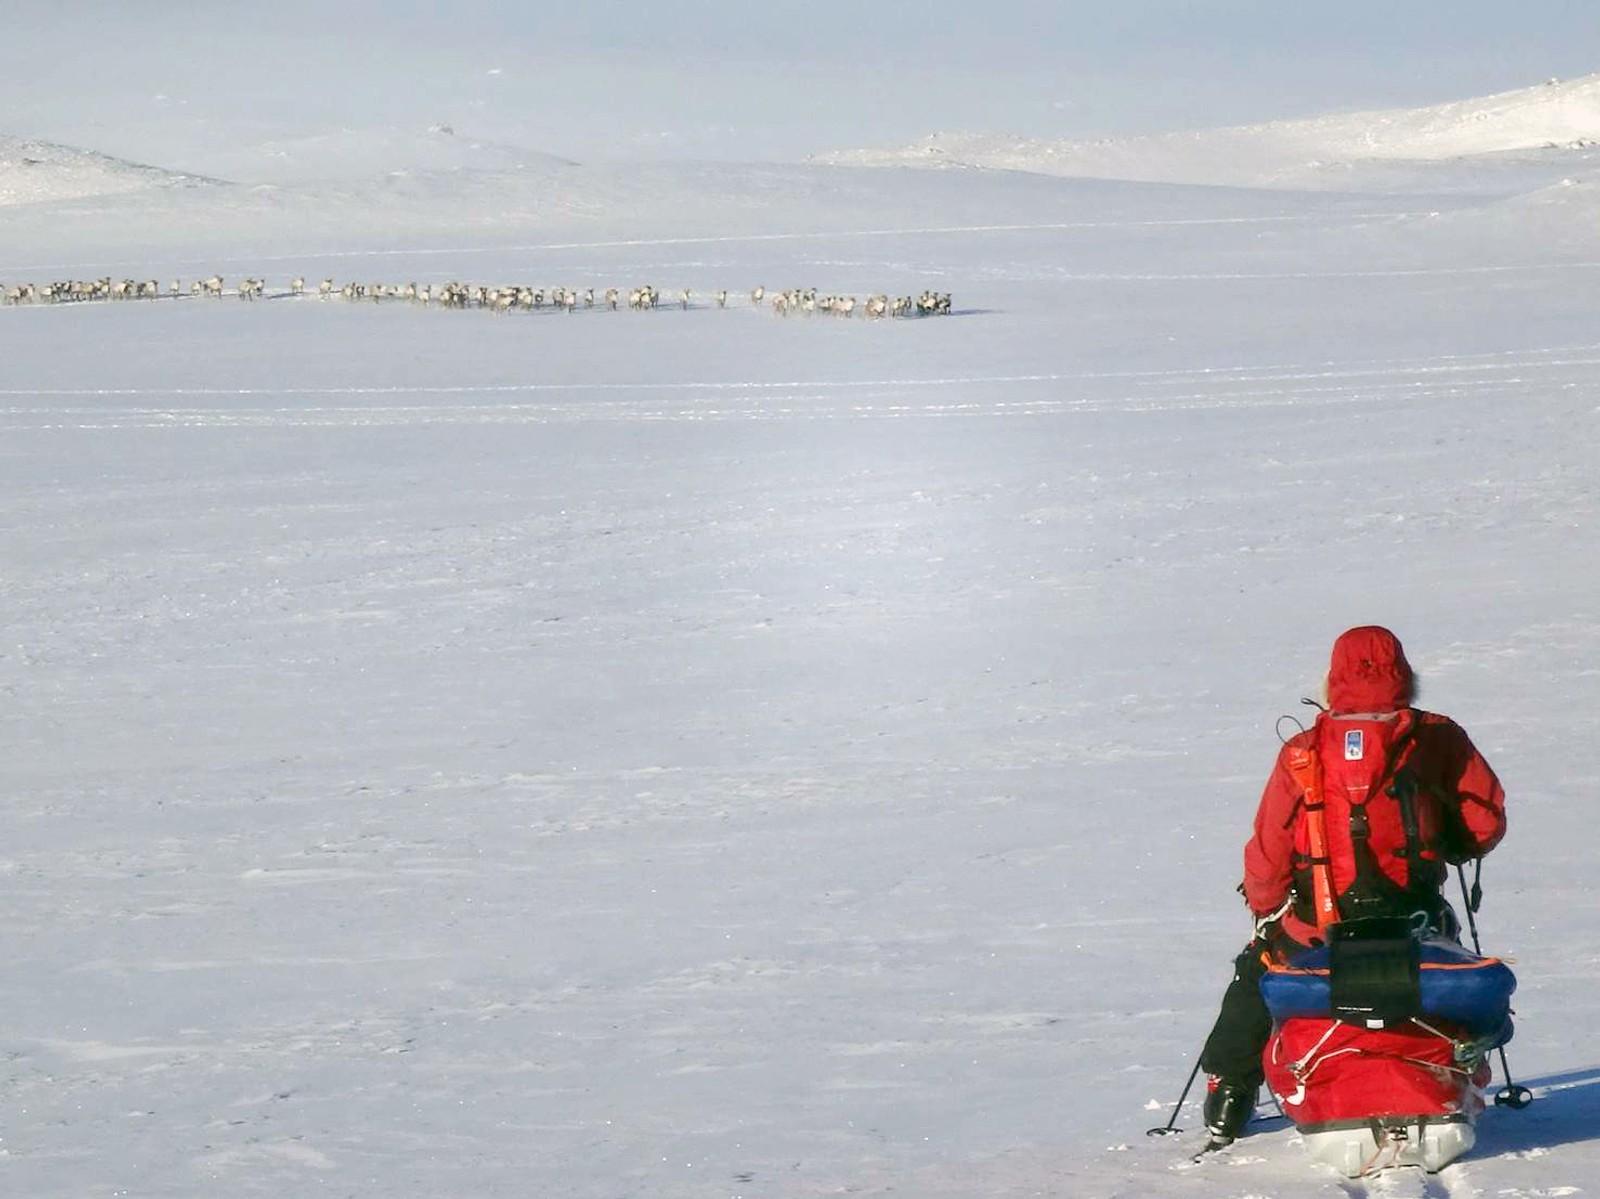 En stor reinflokk kom plutselig mot ekteparet på Hardangervidda. Da var det bare å slå seg ned og nyte synet.